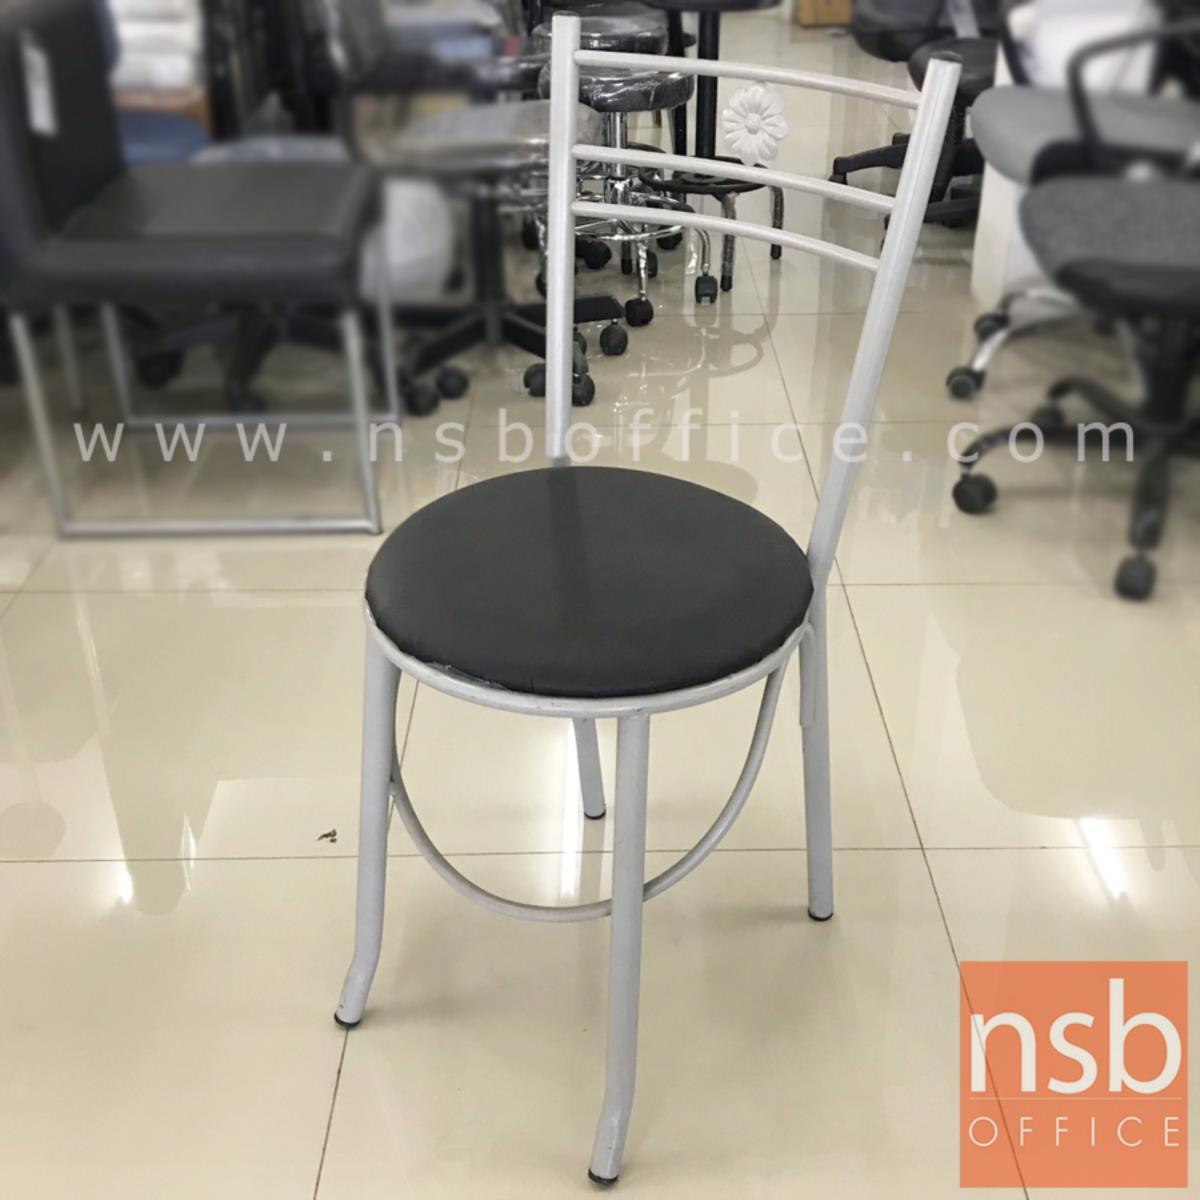 เก้าอี้โมเดิร์นหนังเทียม CHAIR7 พิงหลังตรงกลางลายดอกไม้ (STOCK-1 ตัว)